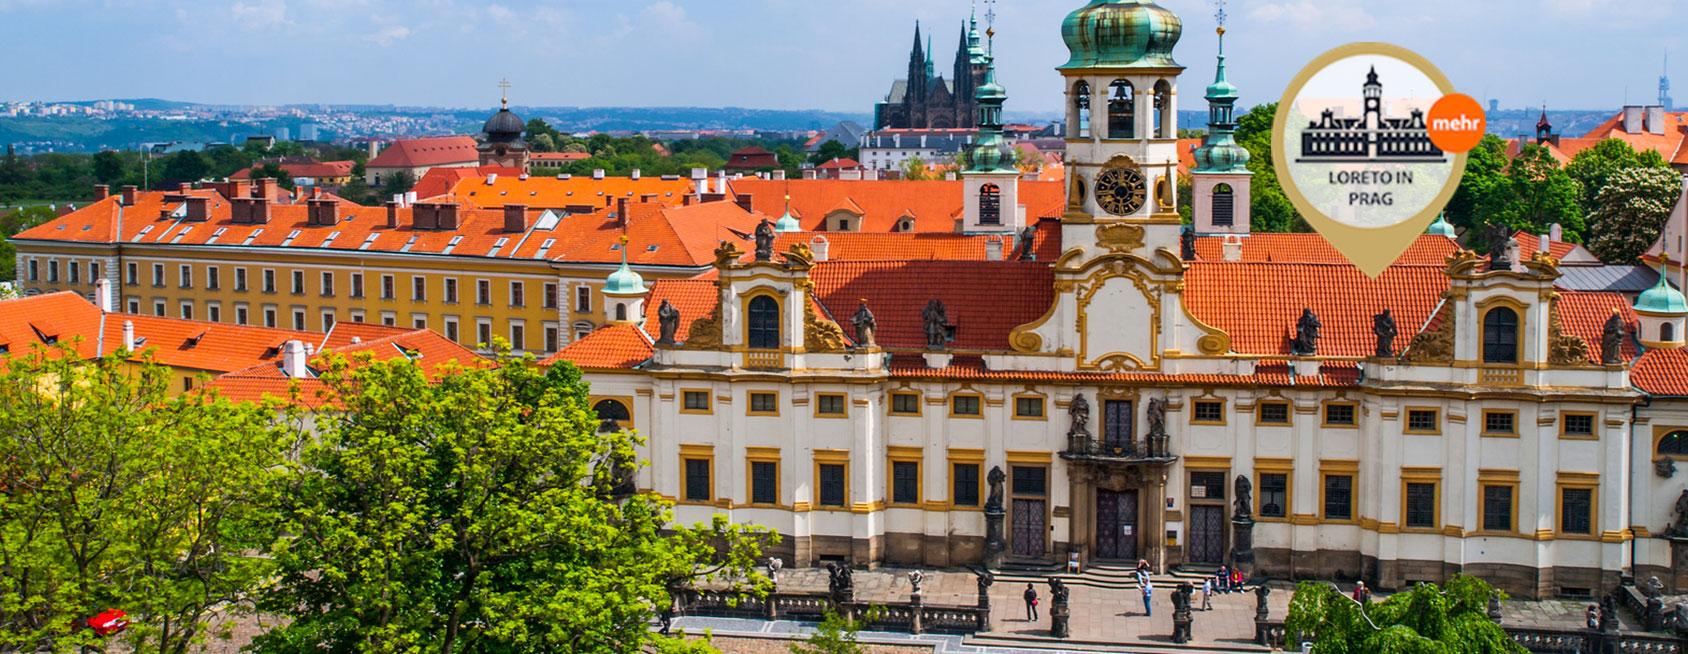 Loreto-Prag_Icon